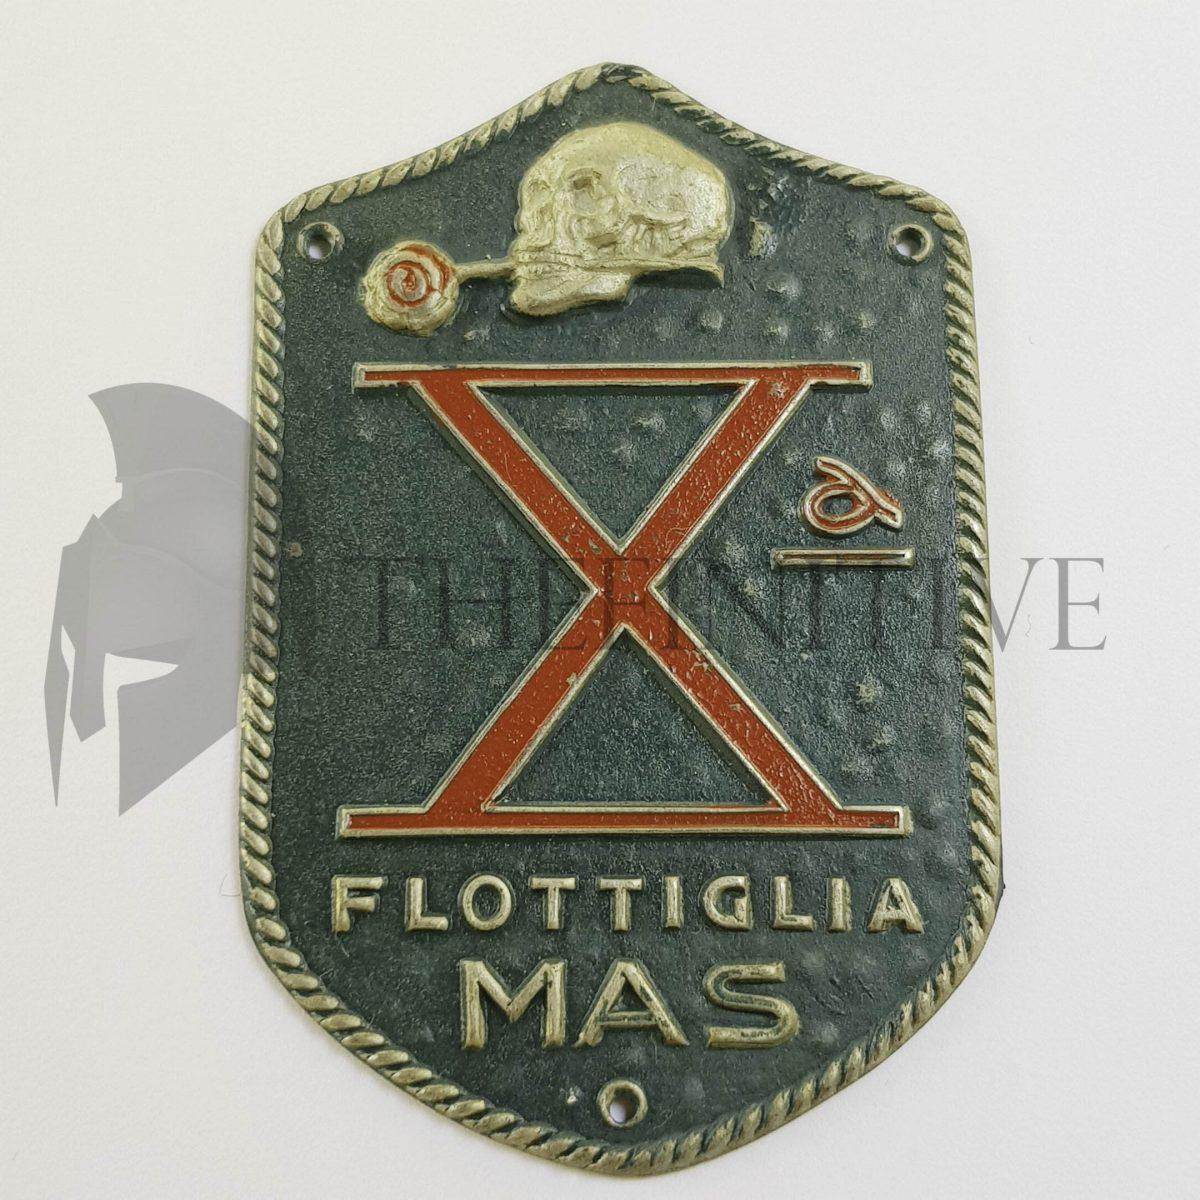 Scudetto Xª Flottiglia MAS